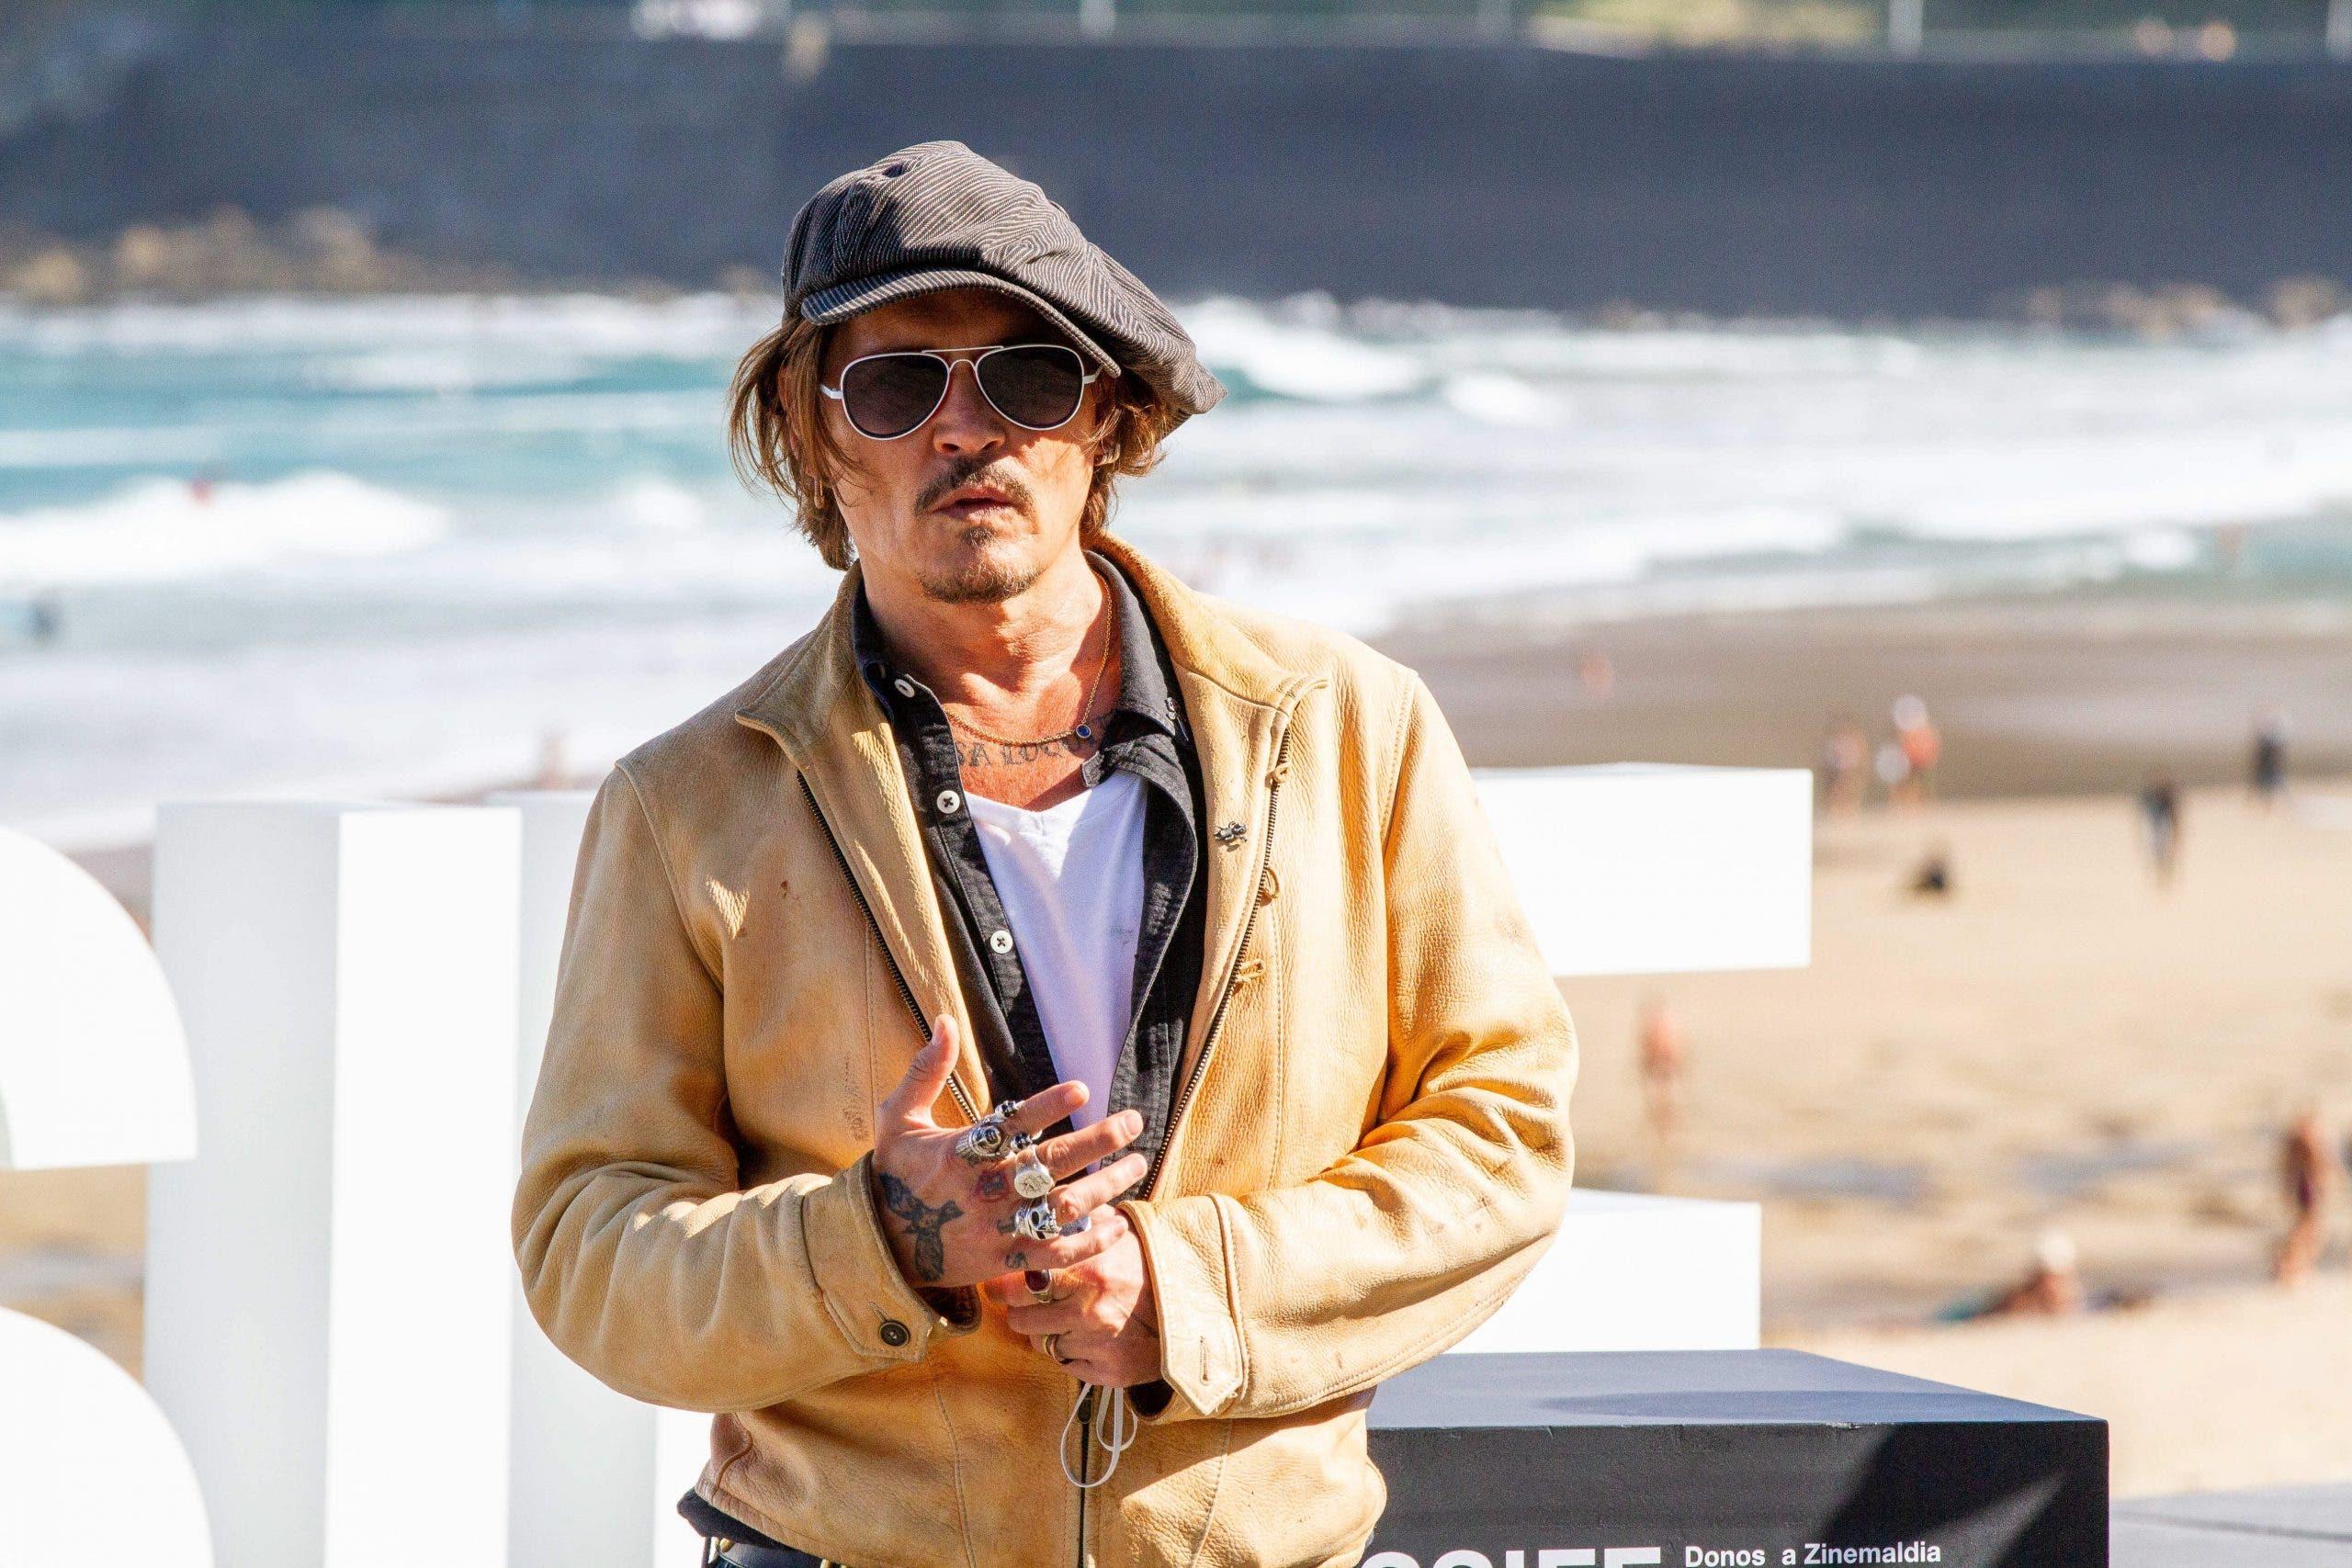 در اقدامی جنجال آفرین، فستیوال فیلم سن سباستین در اسپانیا قصد دارد جایزه افتخاری موسوم به Donostia Award را به جانی دپ بدهد